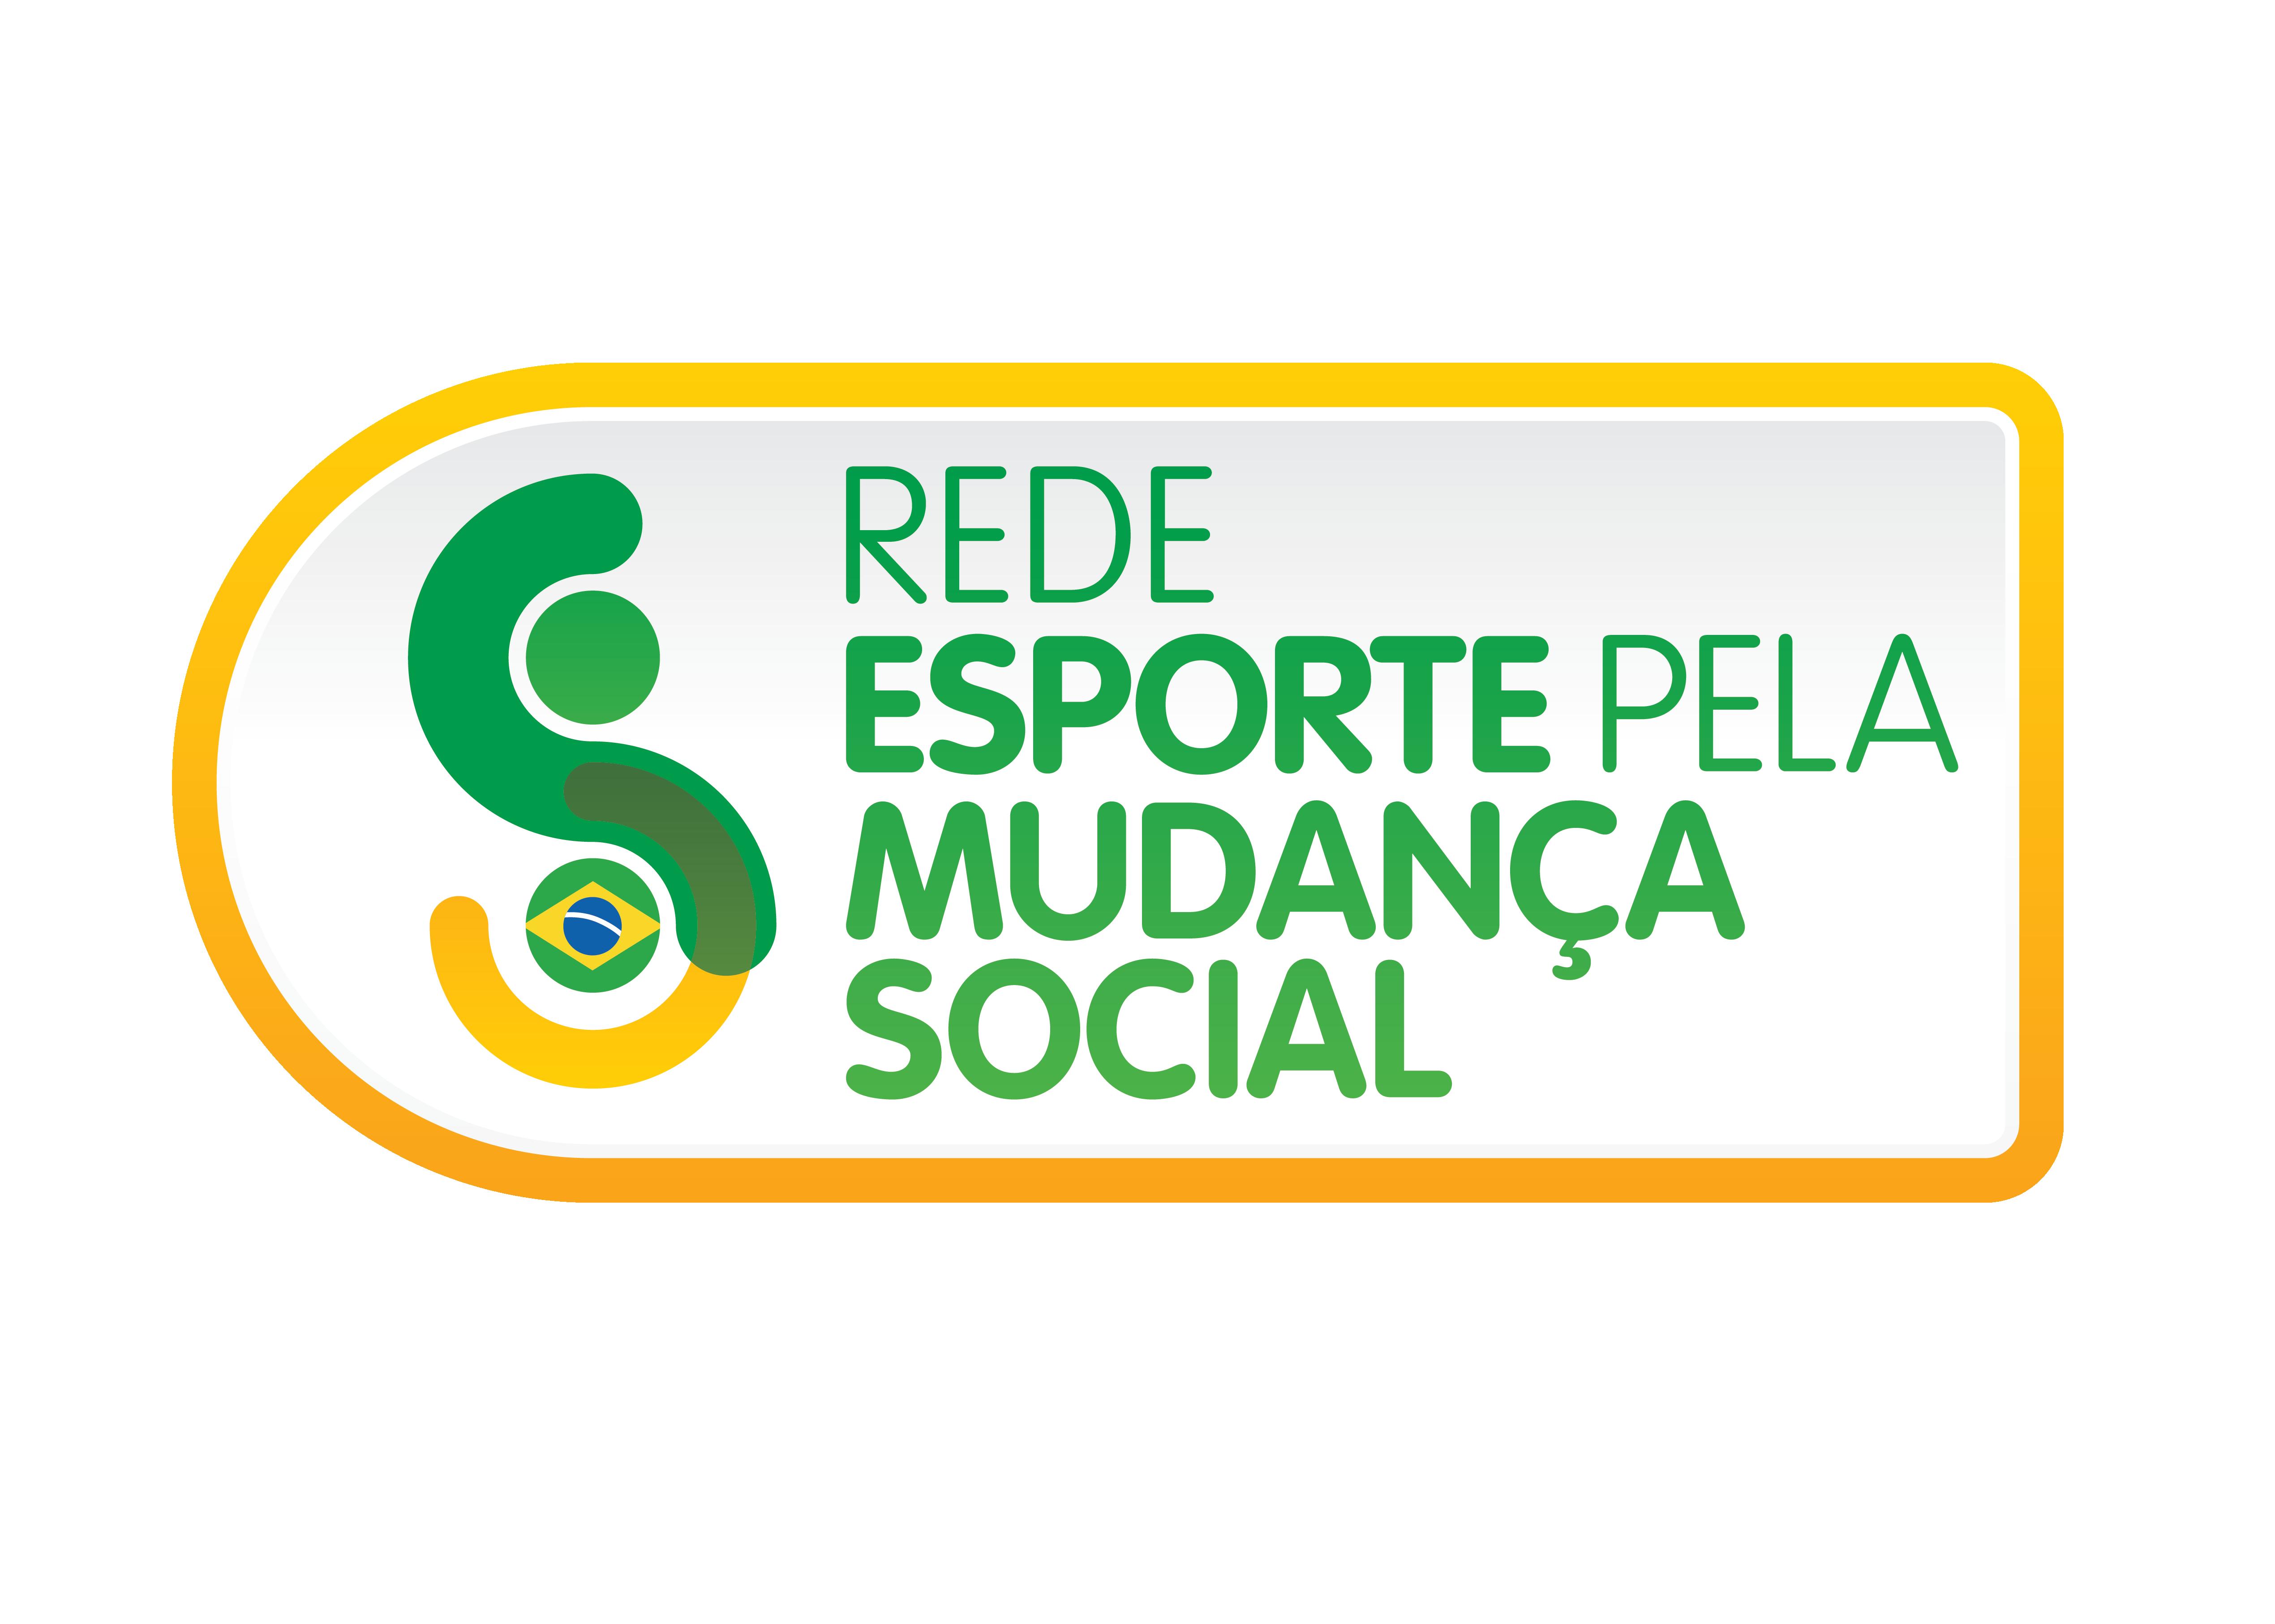 REMS - Rede Esporte pela Mudança Social